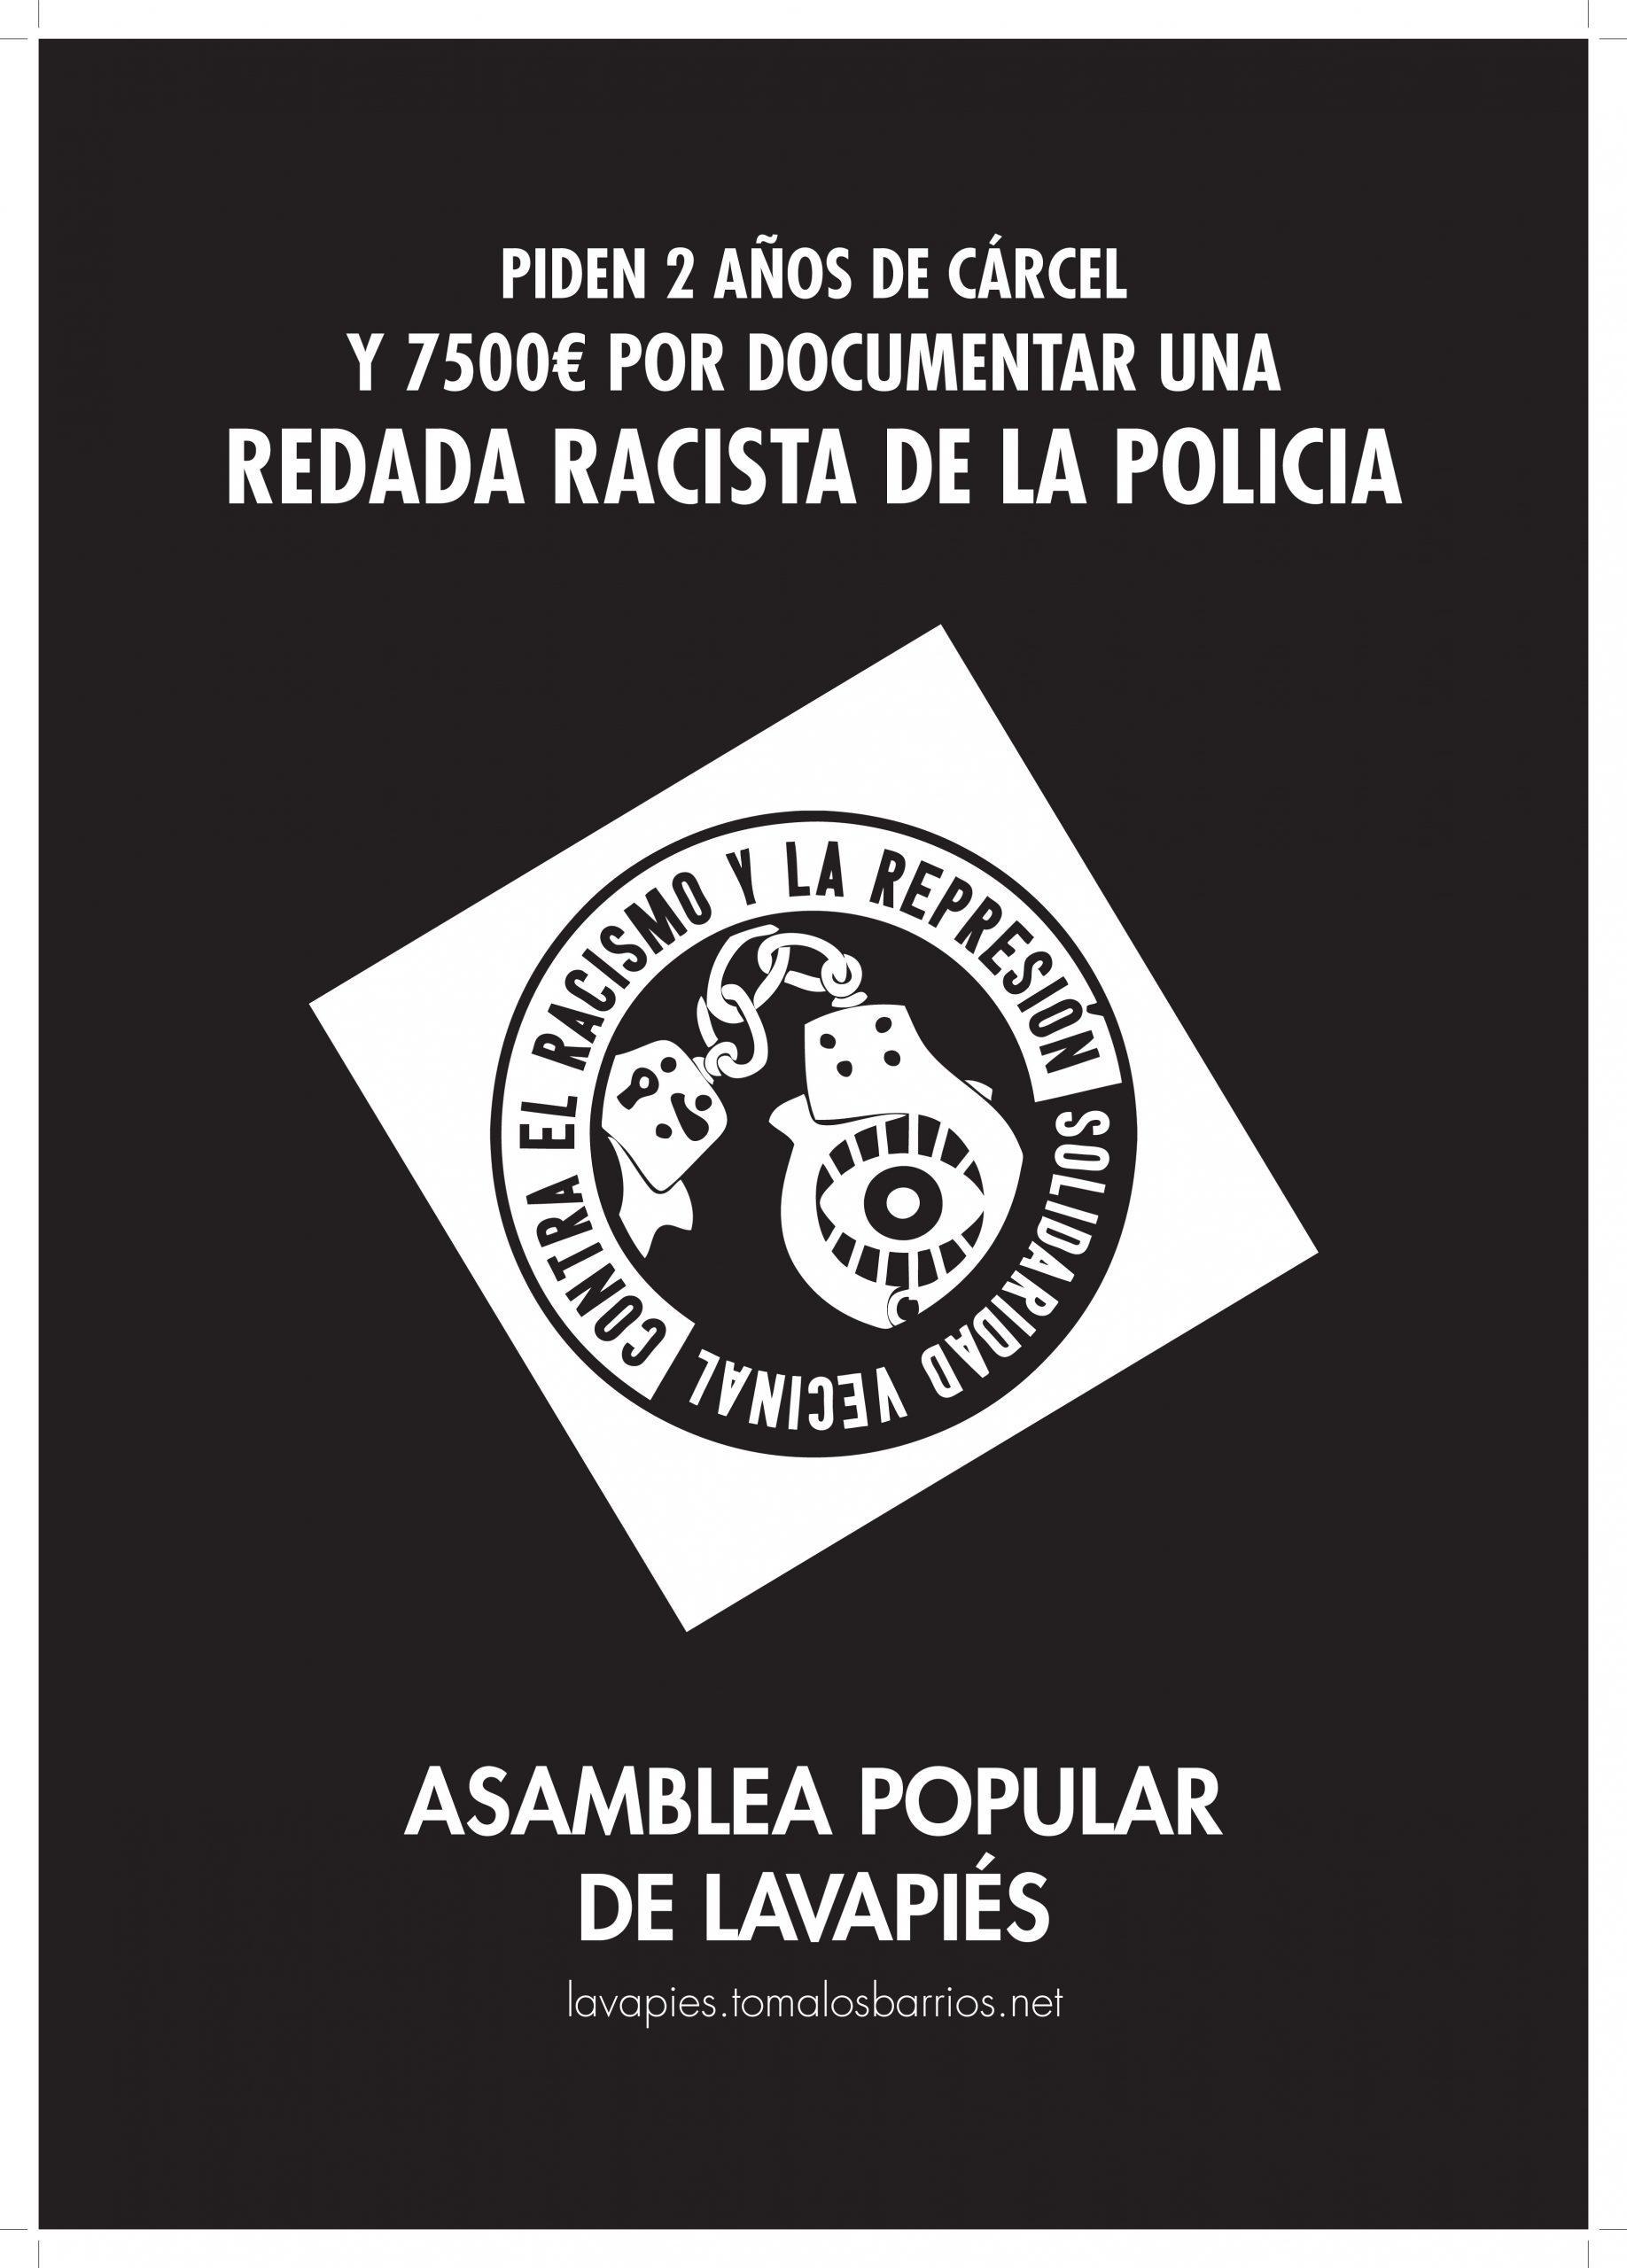 cartel-contra-el-racismo-y-la-represion